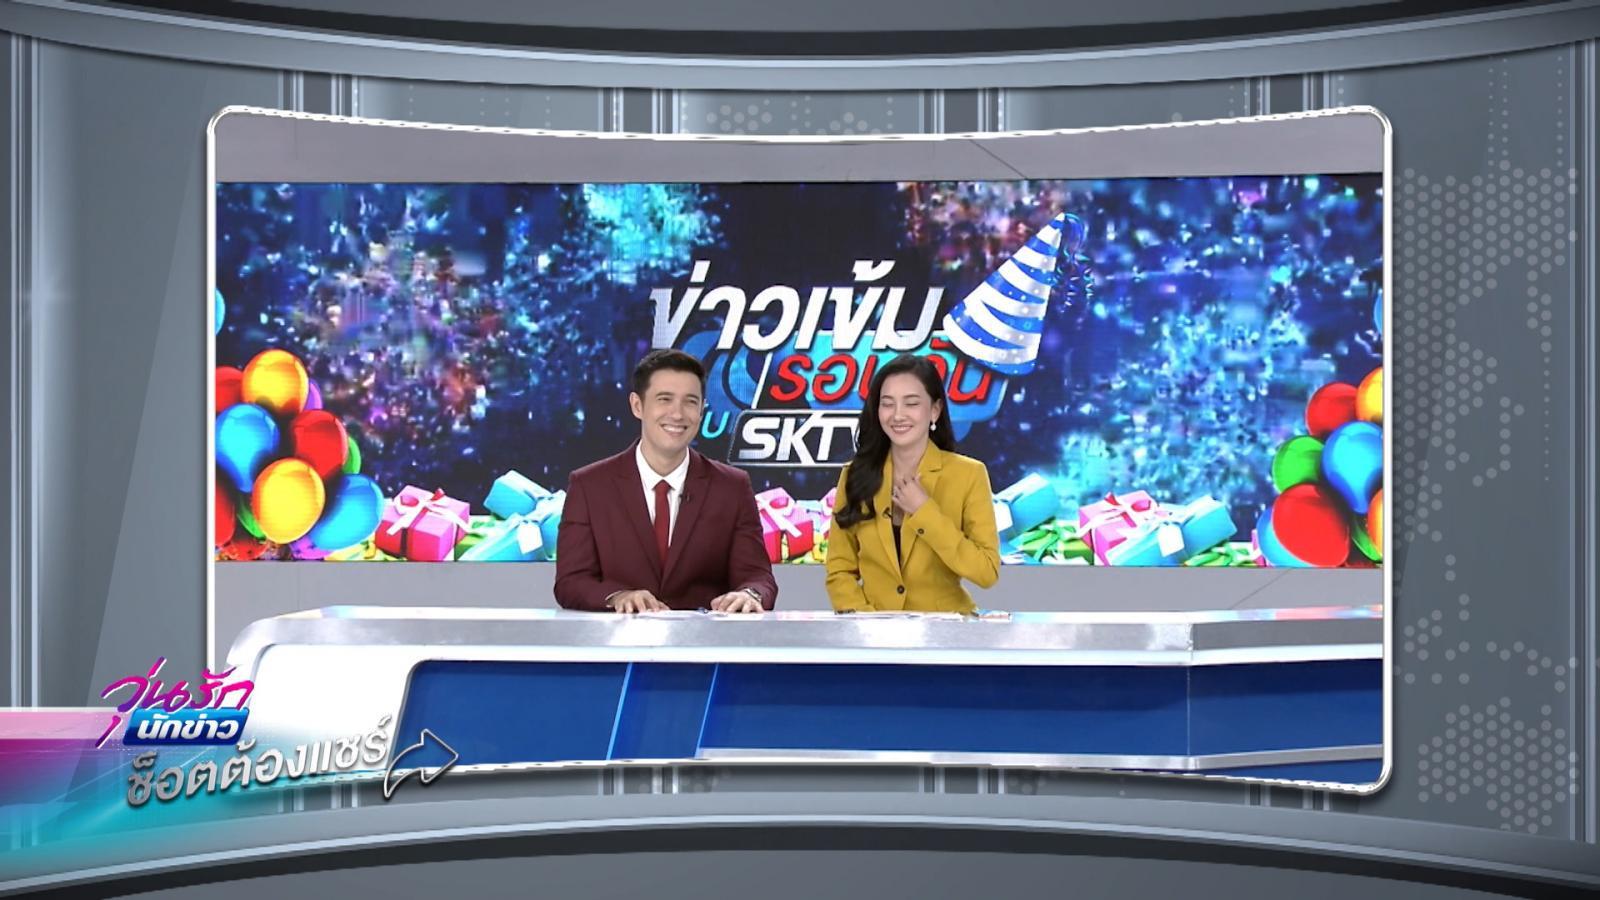 วุ่นรักนักข่าว EP.15 | ฟินสุด | ช็อตต้องแชร์ | PPTV HD 36